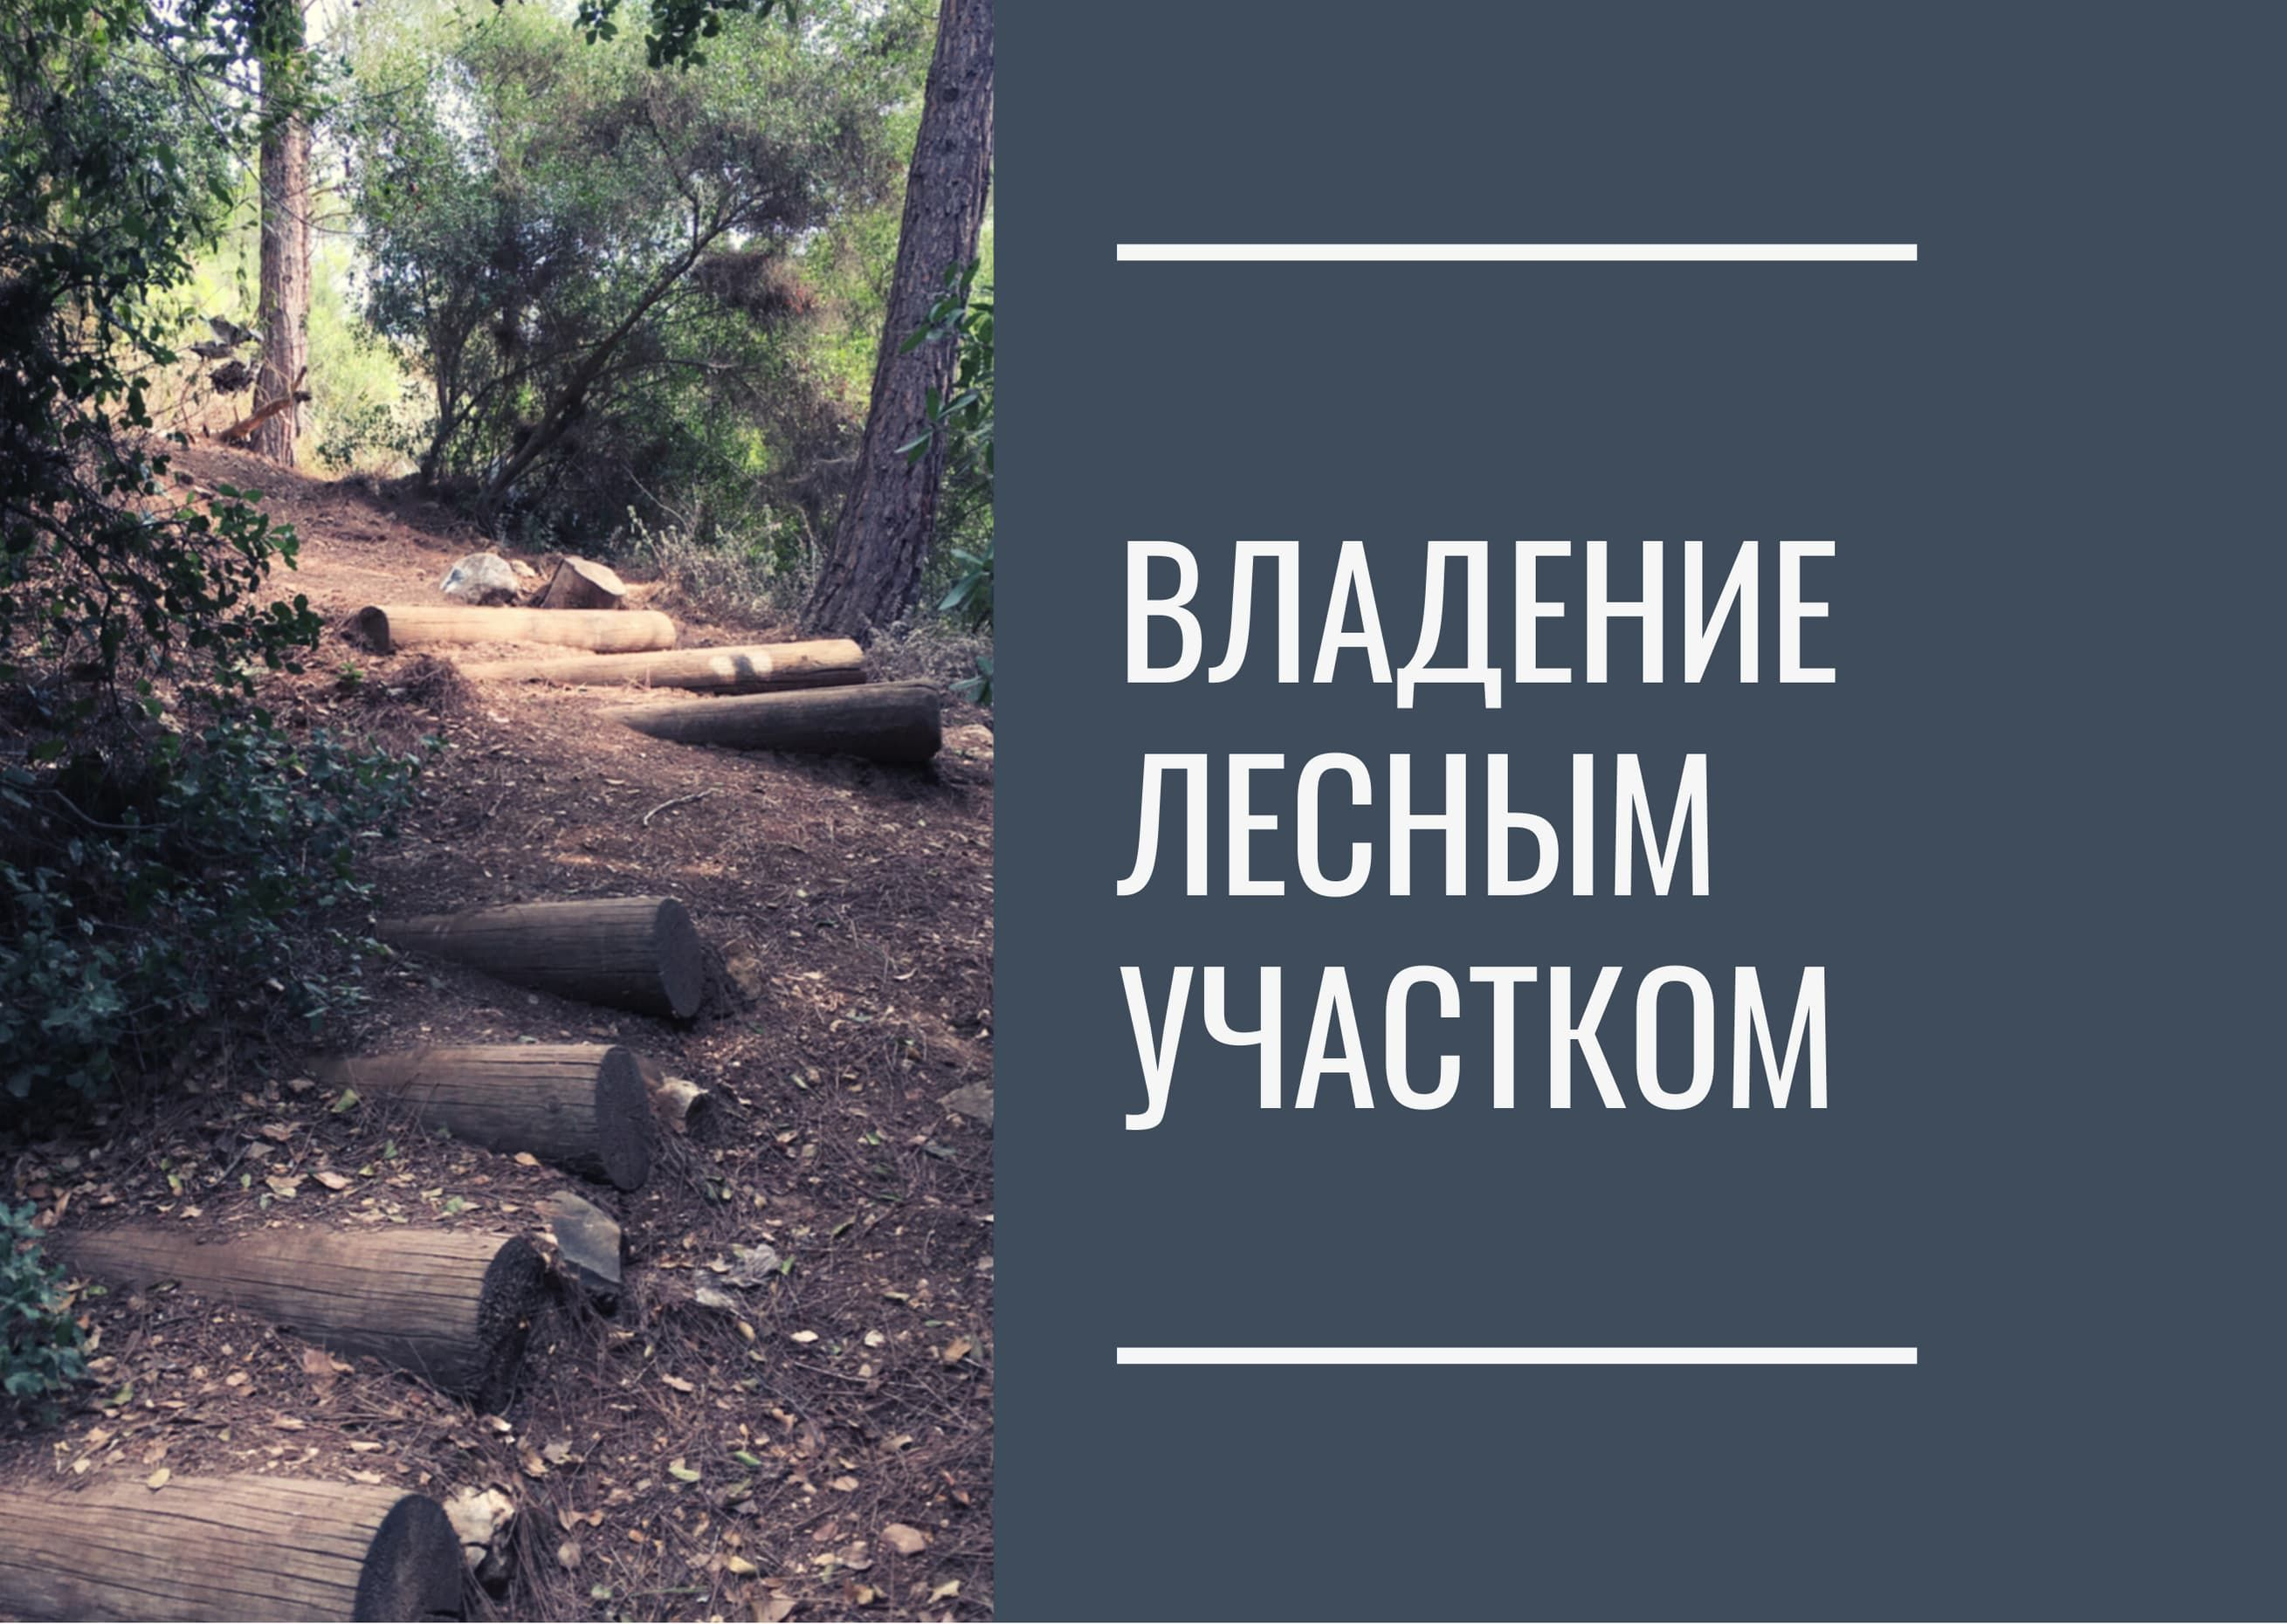 Владение лесным участком